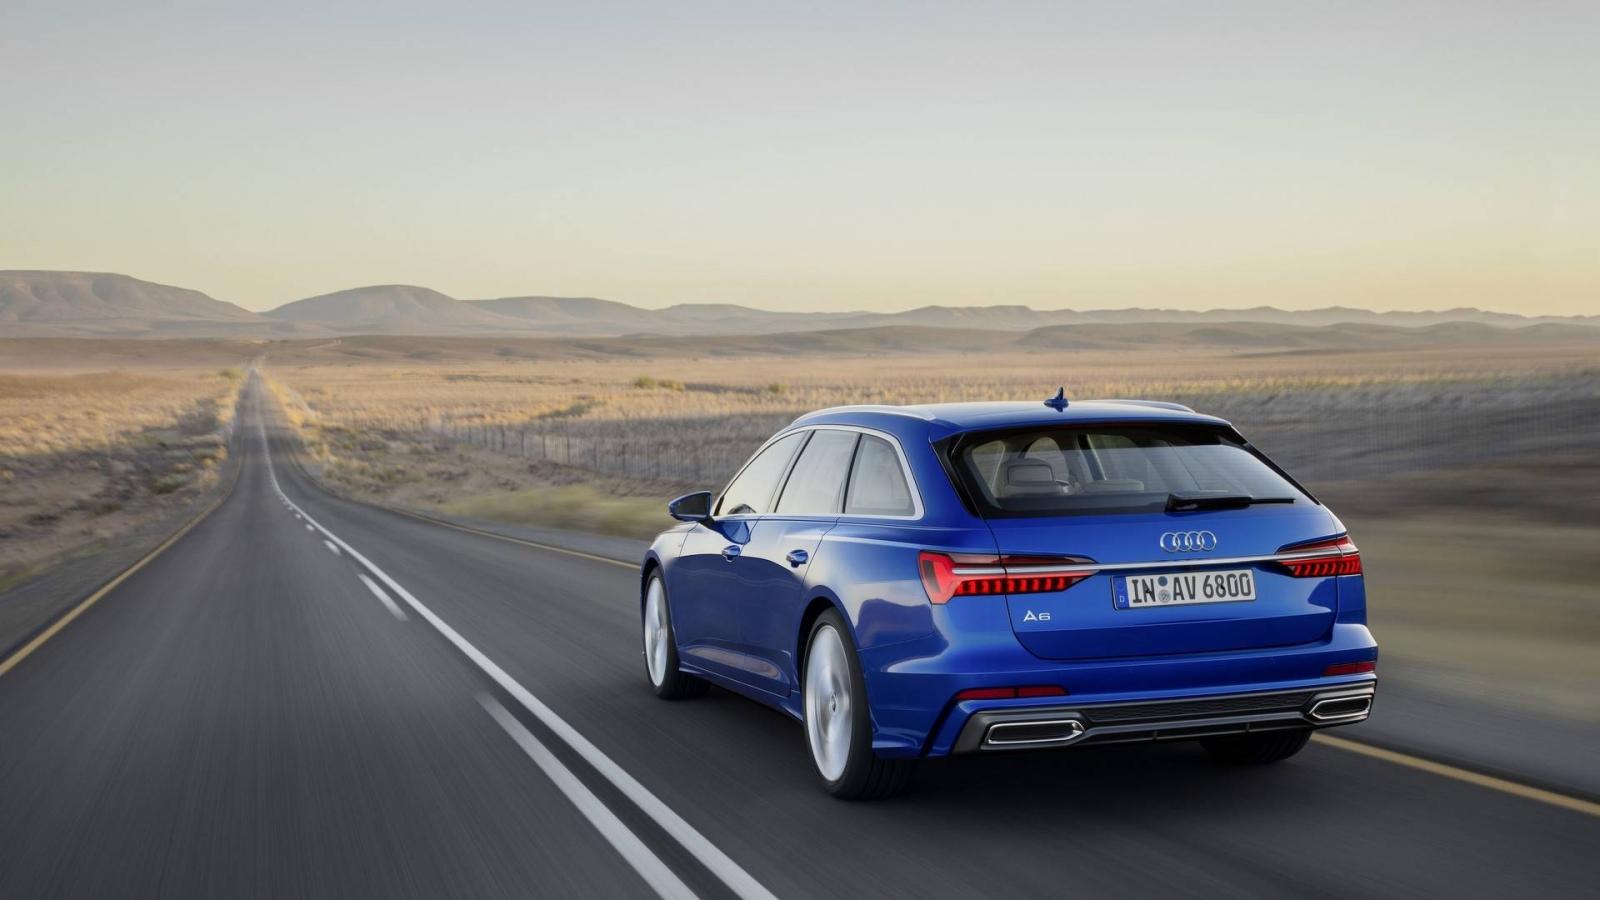 آئودی A6 آوانت - اجاره ماشین - اجاره خودرو - کرایه ماشین